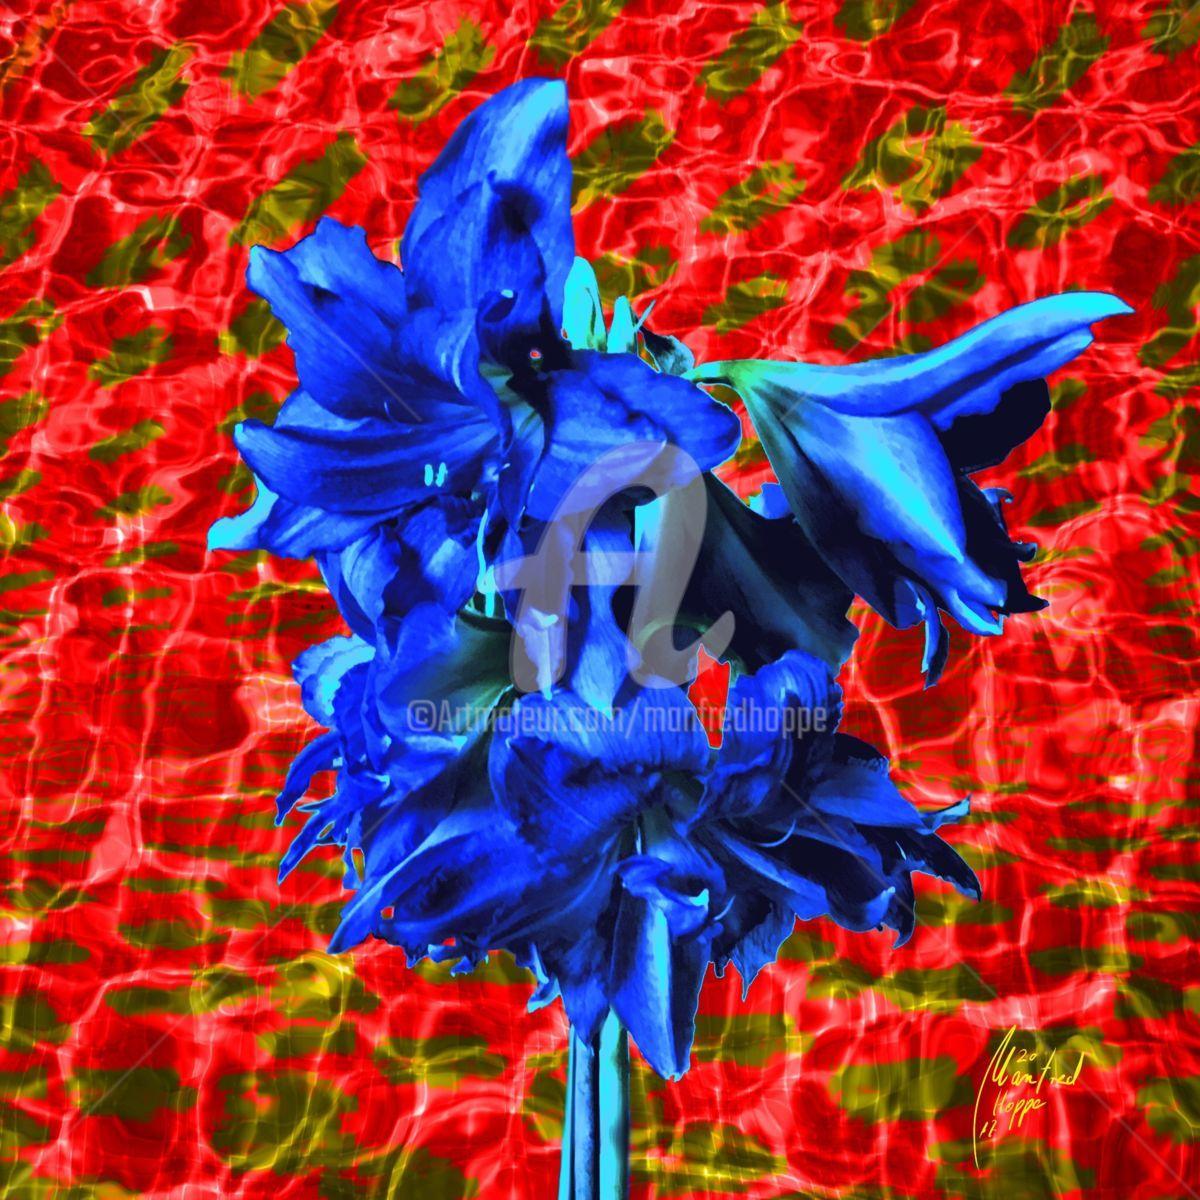 Warum nicht mal Blau (Digitale Künste) von Manfred Hoppe